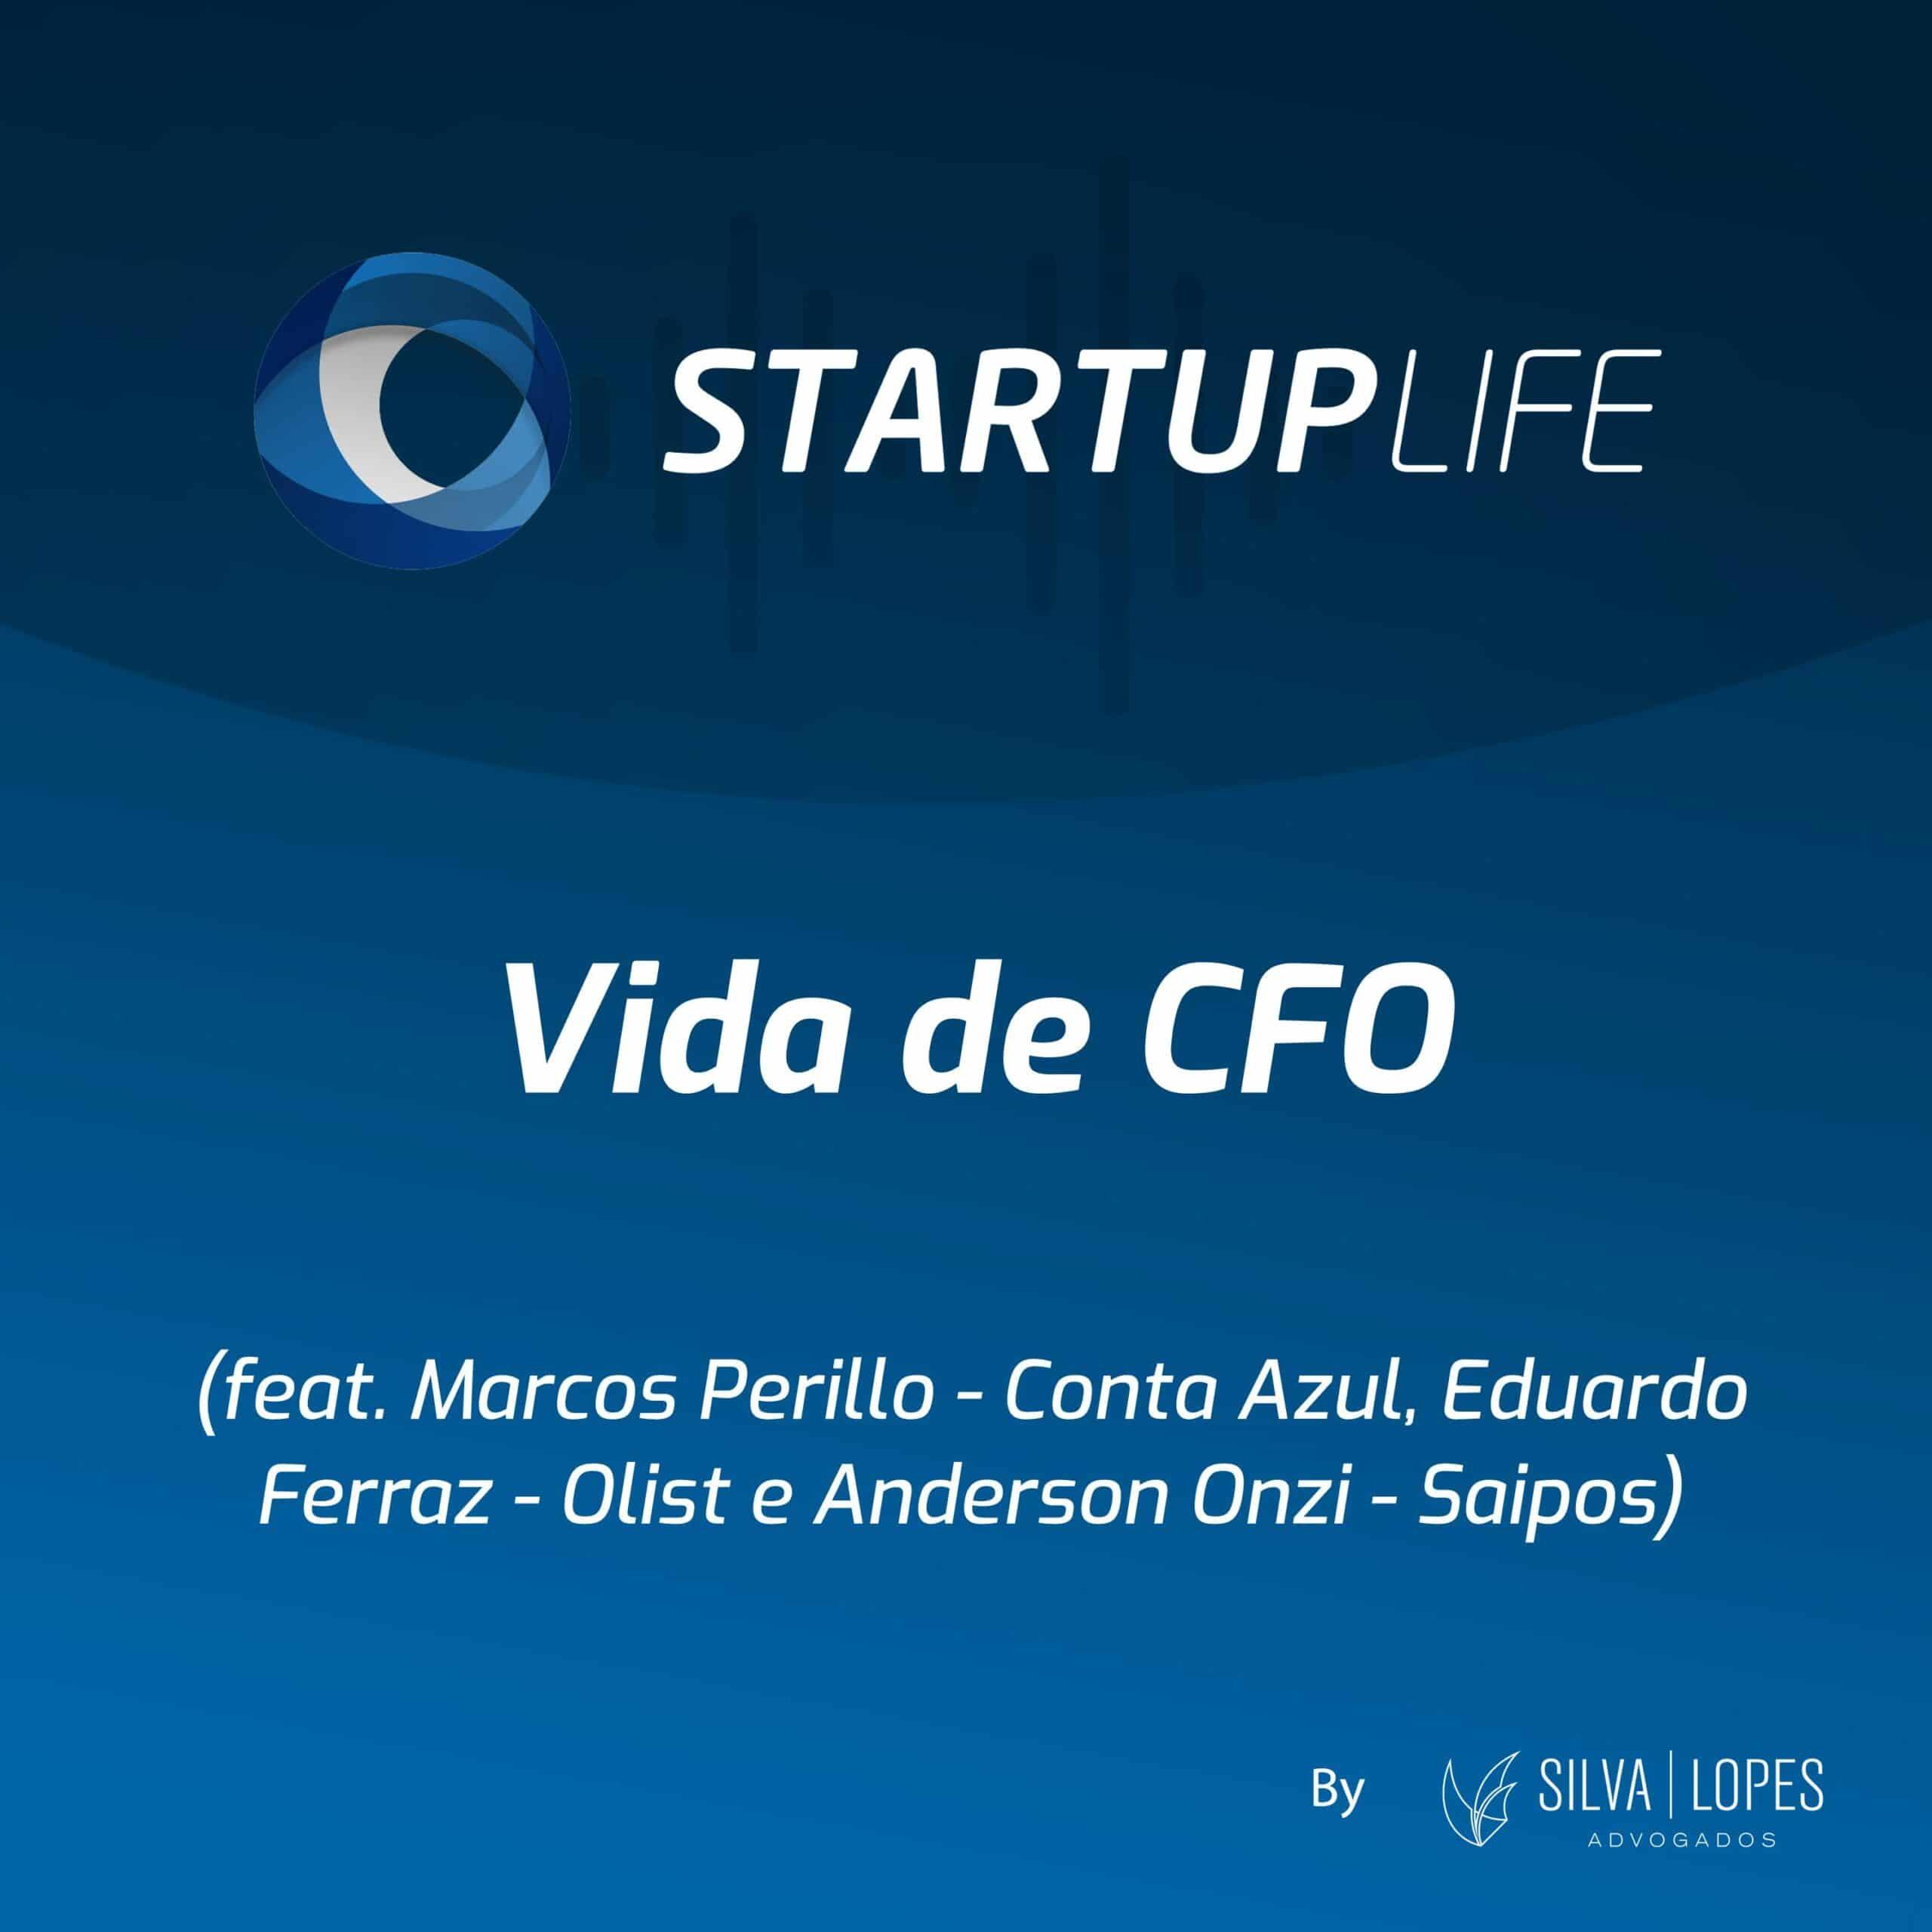 Vida de CFO